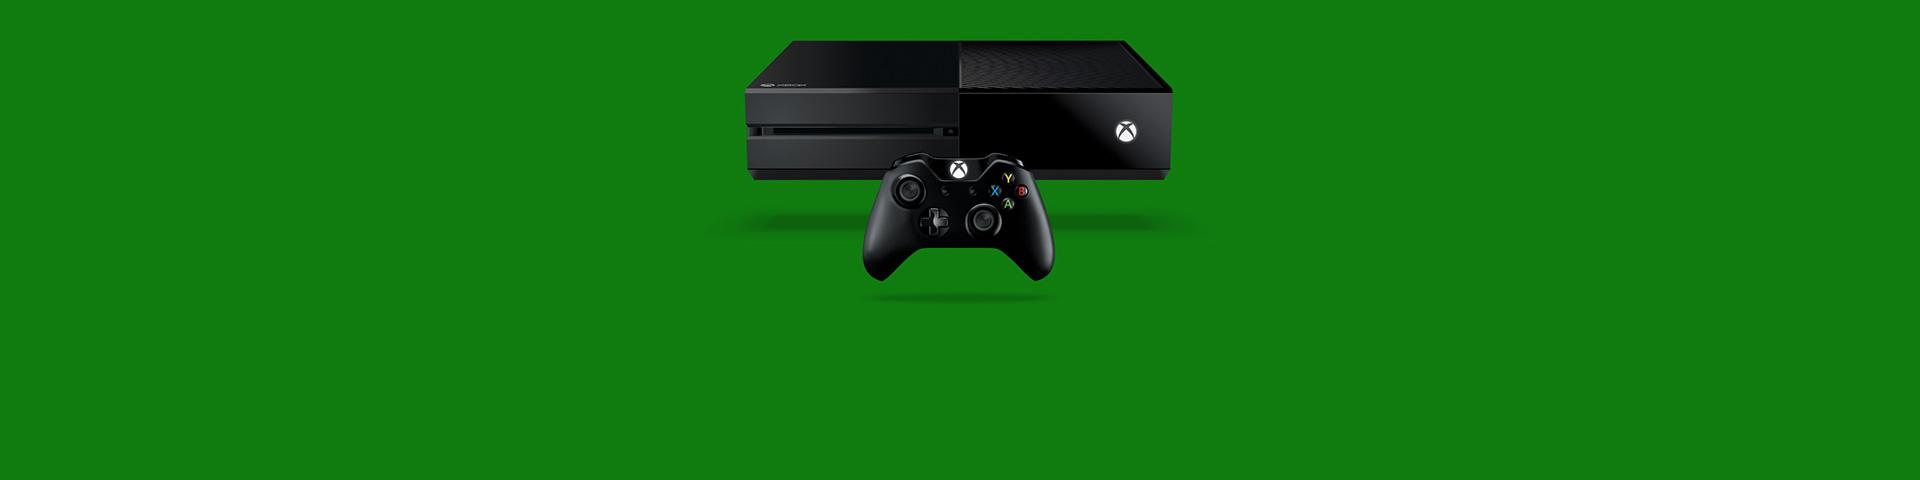 Najnowsza konsola i kontroler Xbox One. Kup najnowszą konsolę.